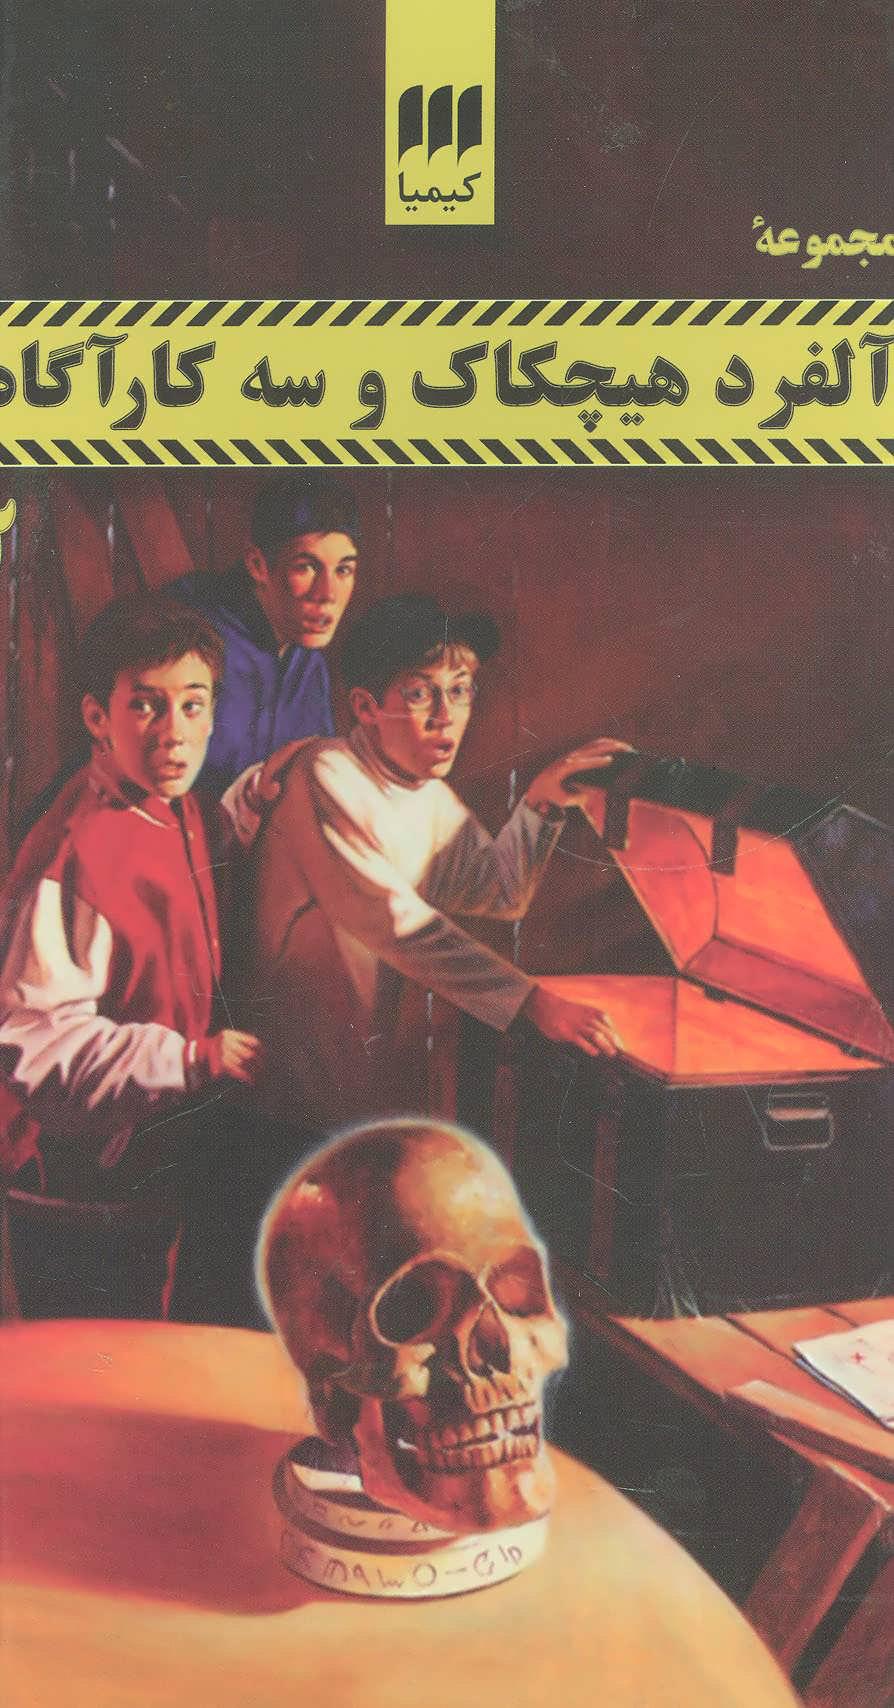 کتاب مجموعه آلفرد هیچکاک و سه کارآگاه